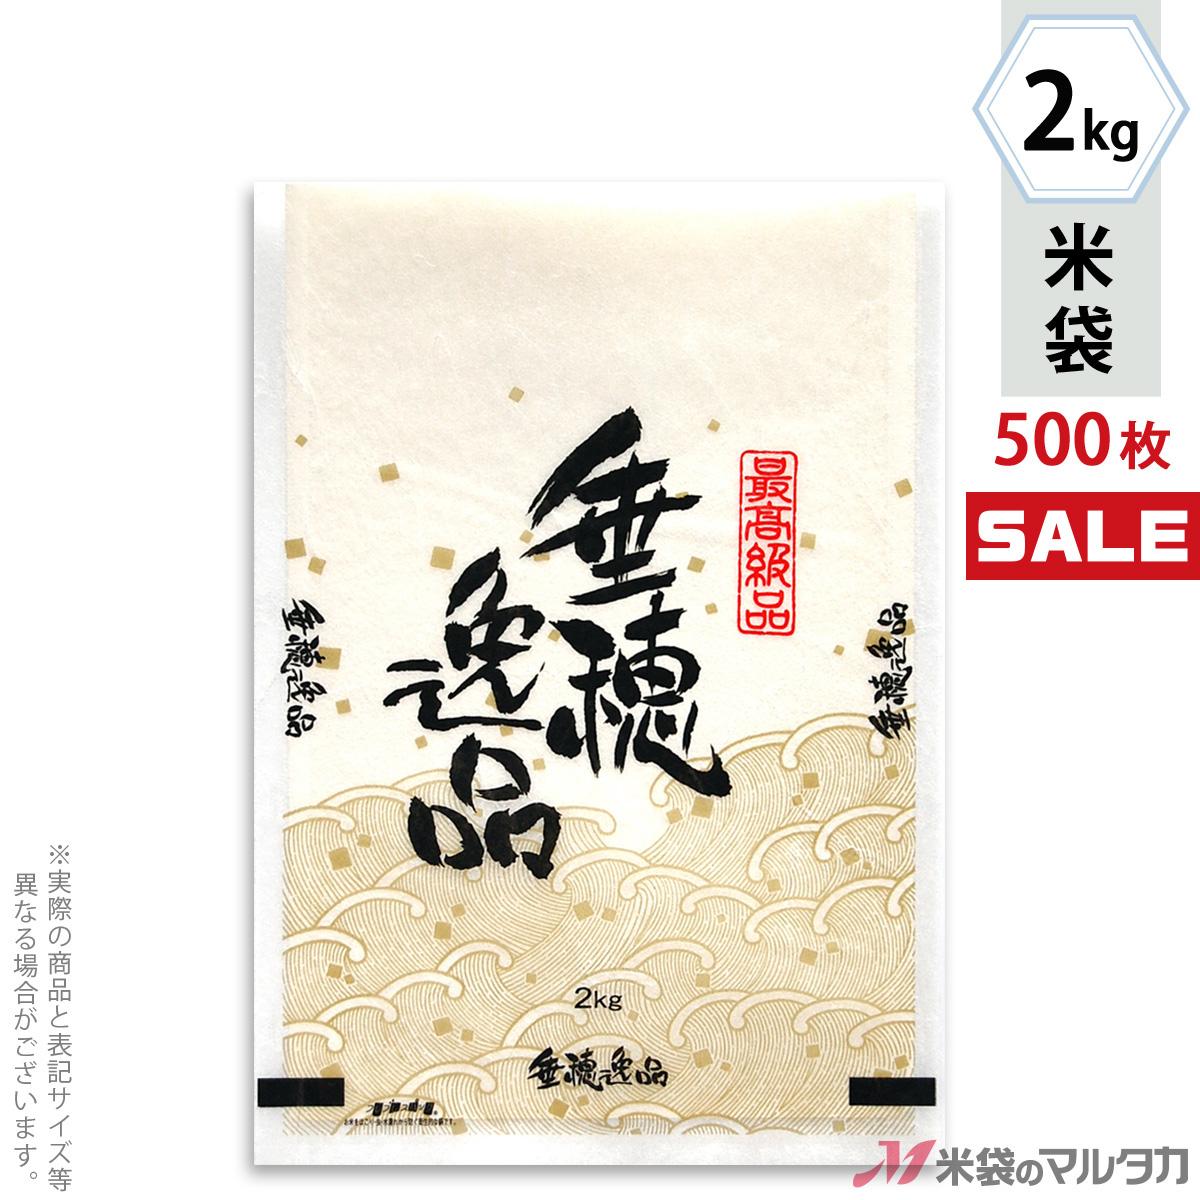 <キャンペーン対応>米袋 雲龍和紙 フレブレス 垂穂逸品 2kg 1ケース(500枚入) MK-0020